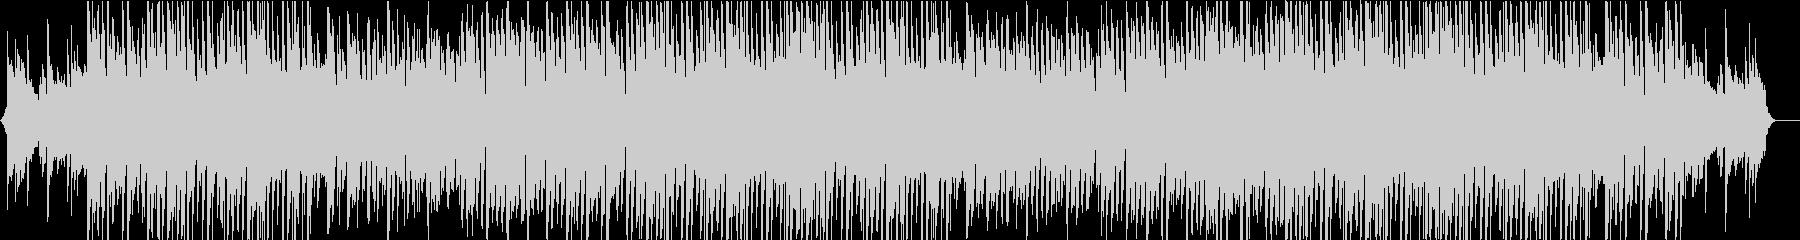 アコギとストリングスのさわやかなBGMの未再生の波形